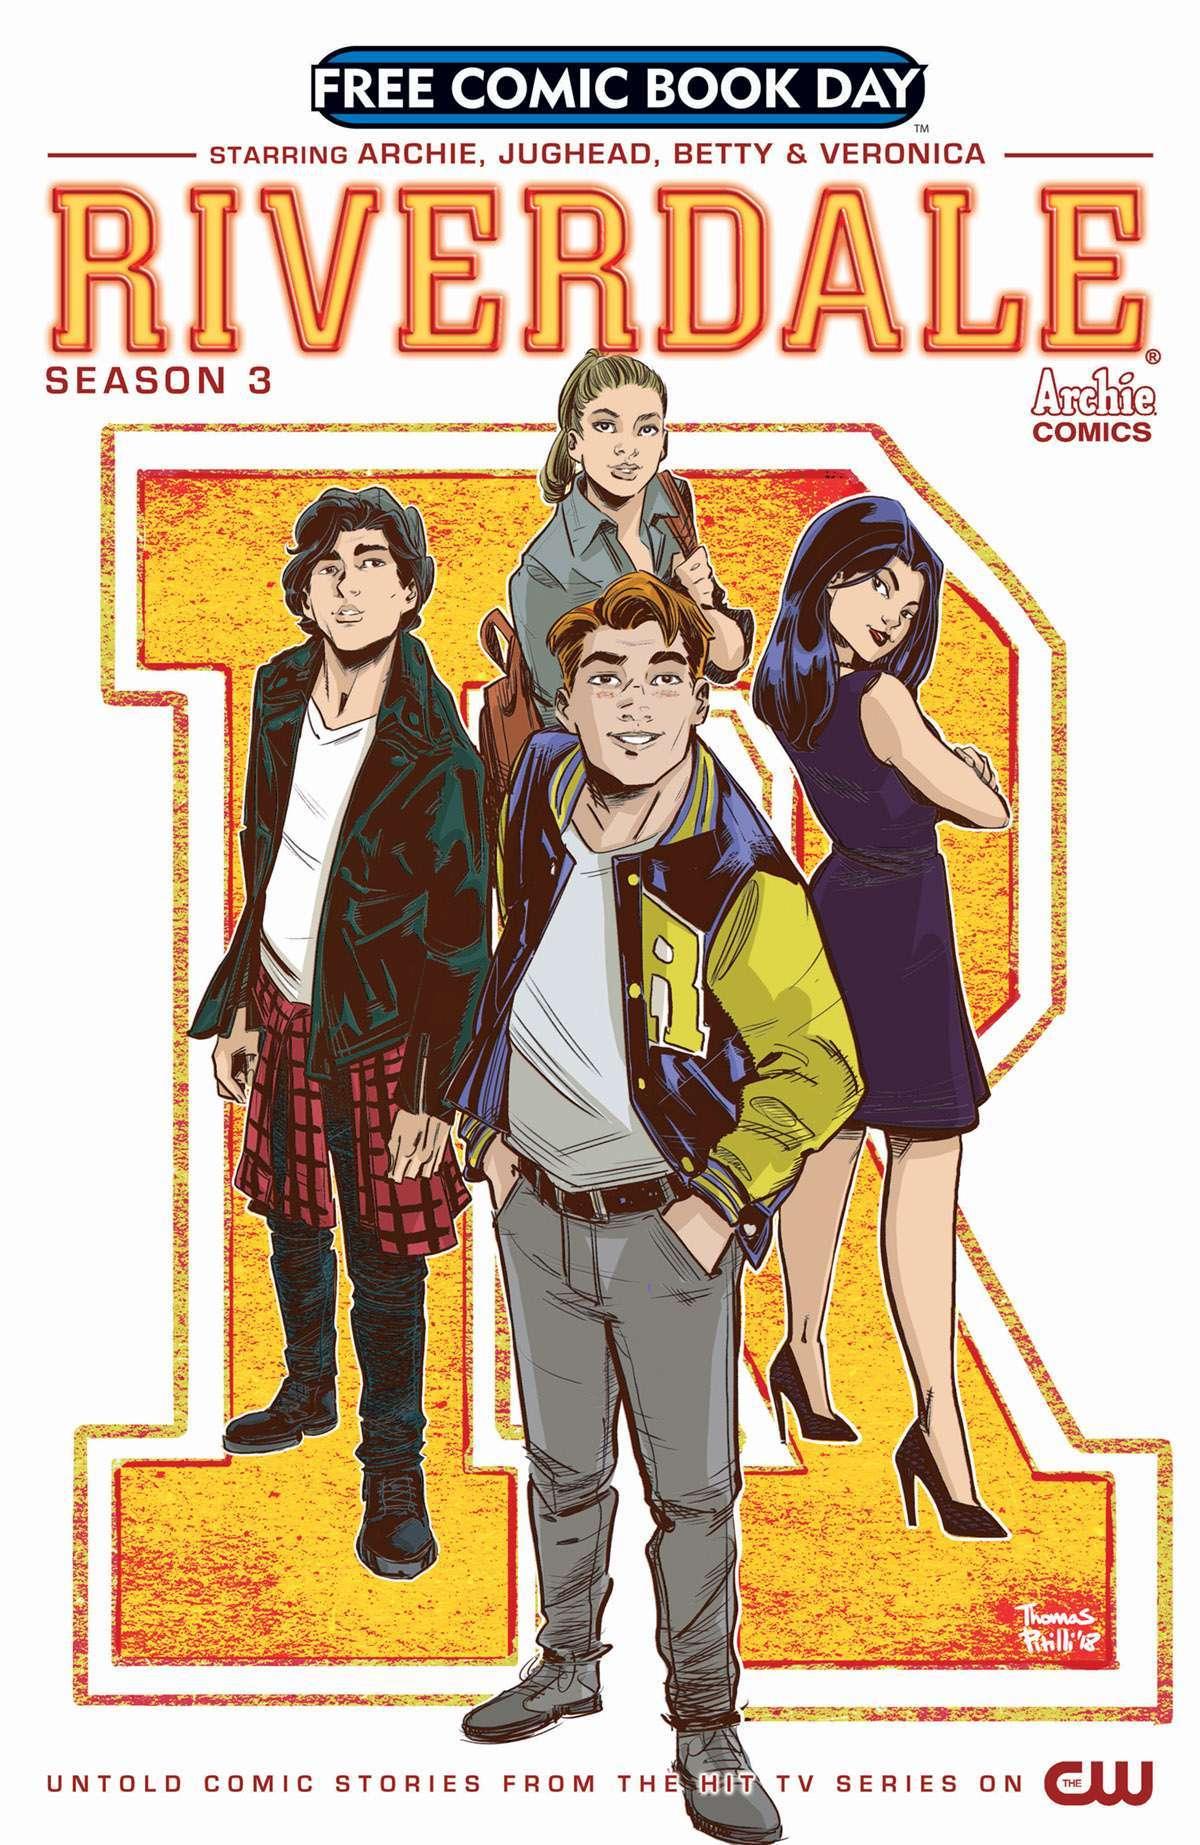 FCBD19_G_Archie Comics_Riverdale S 3 Special